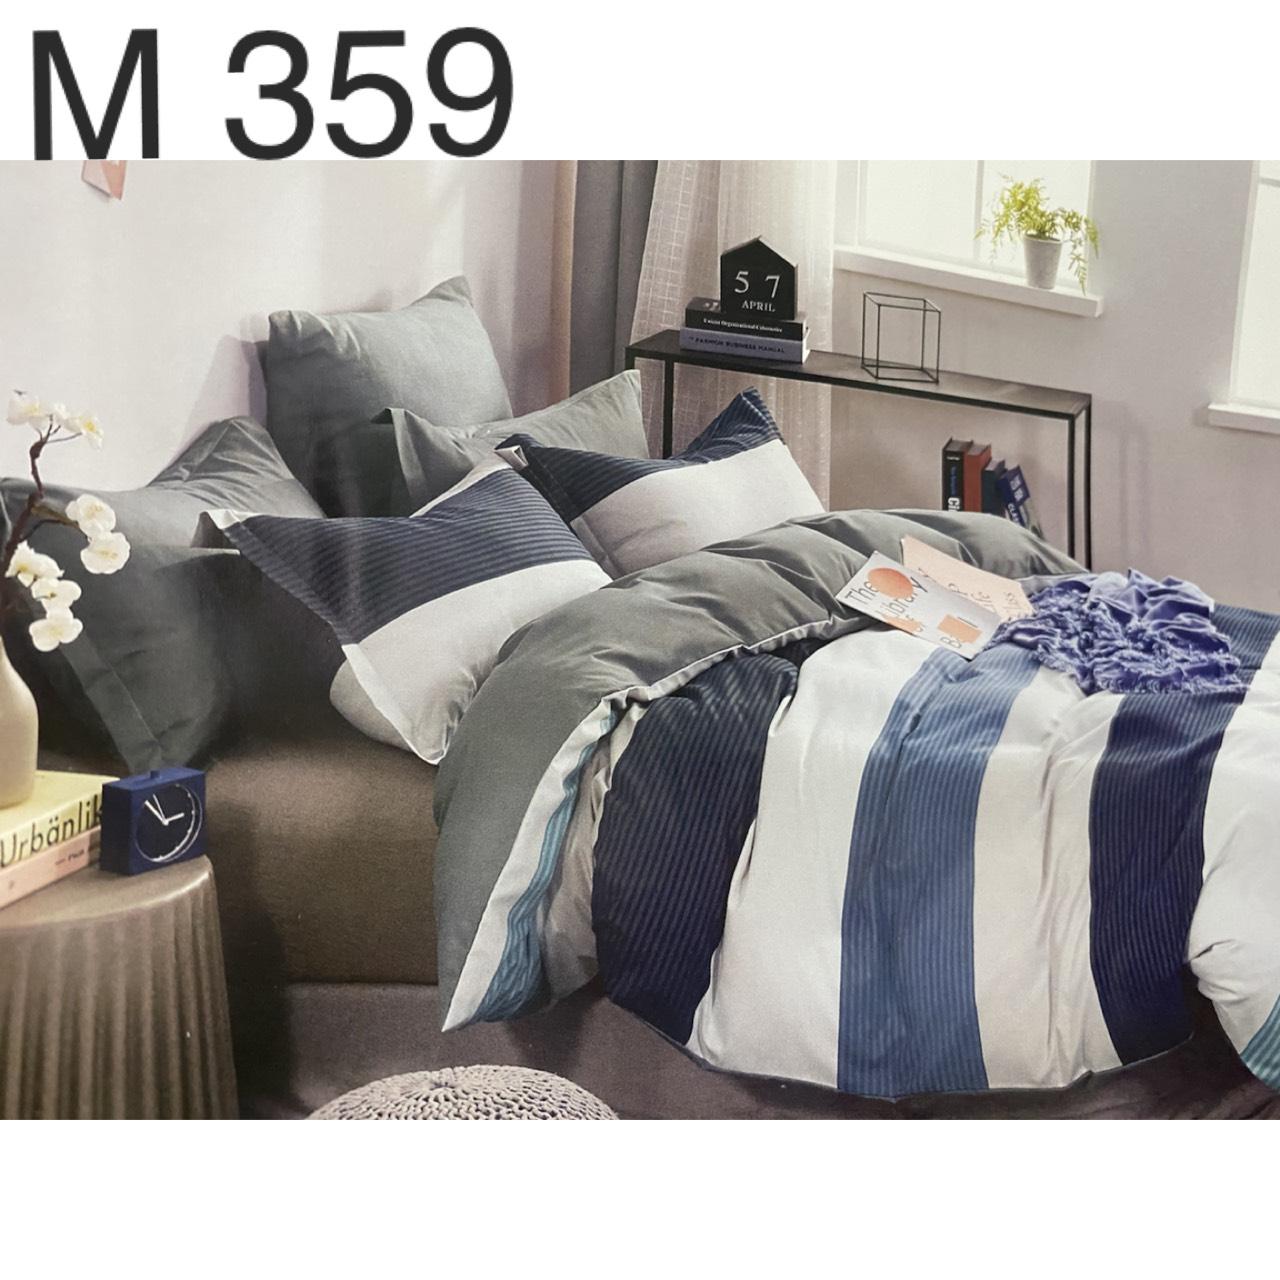 Bộ Chăn Ga Cotton Đũi Loại 1 Hàn Quốc - M359